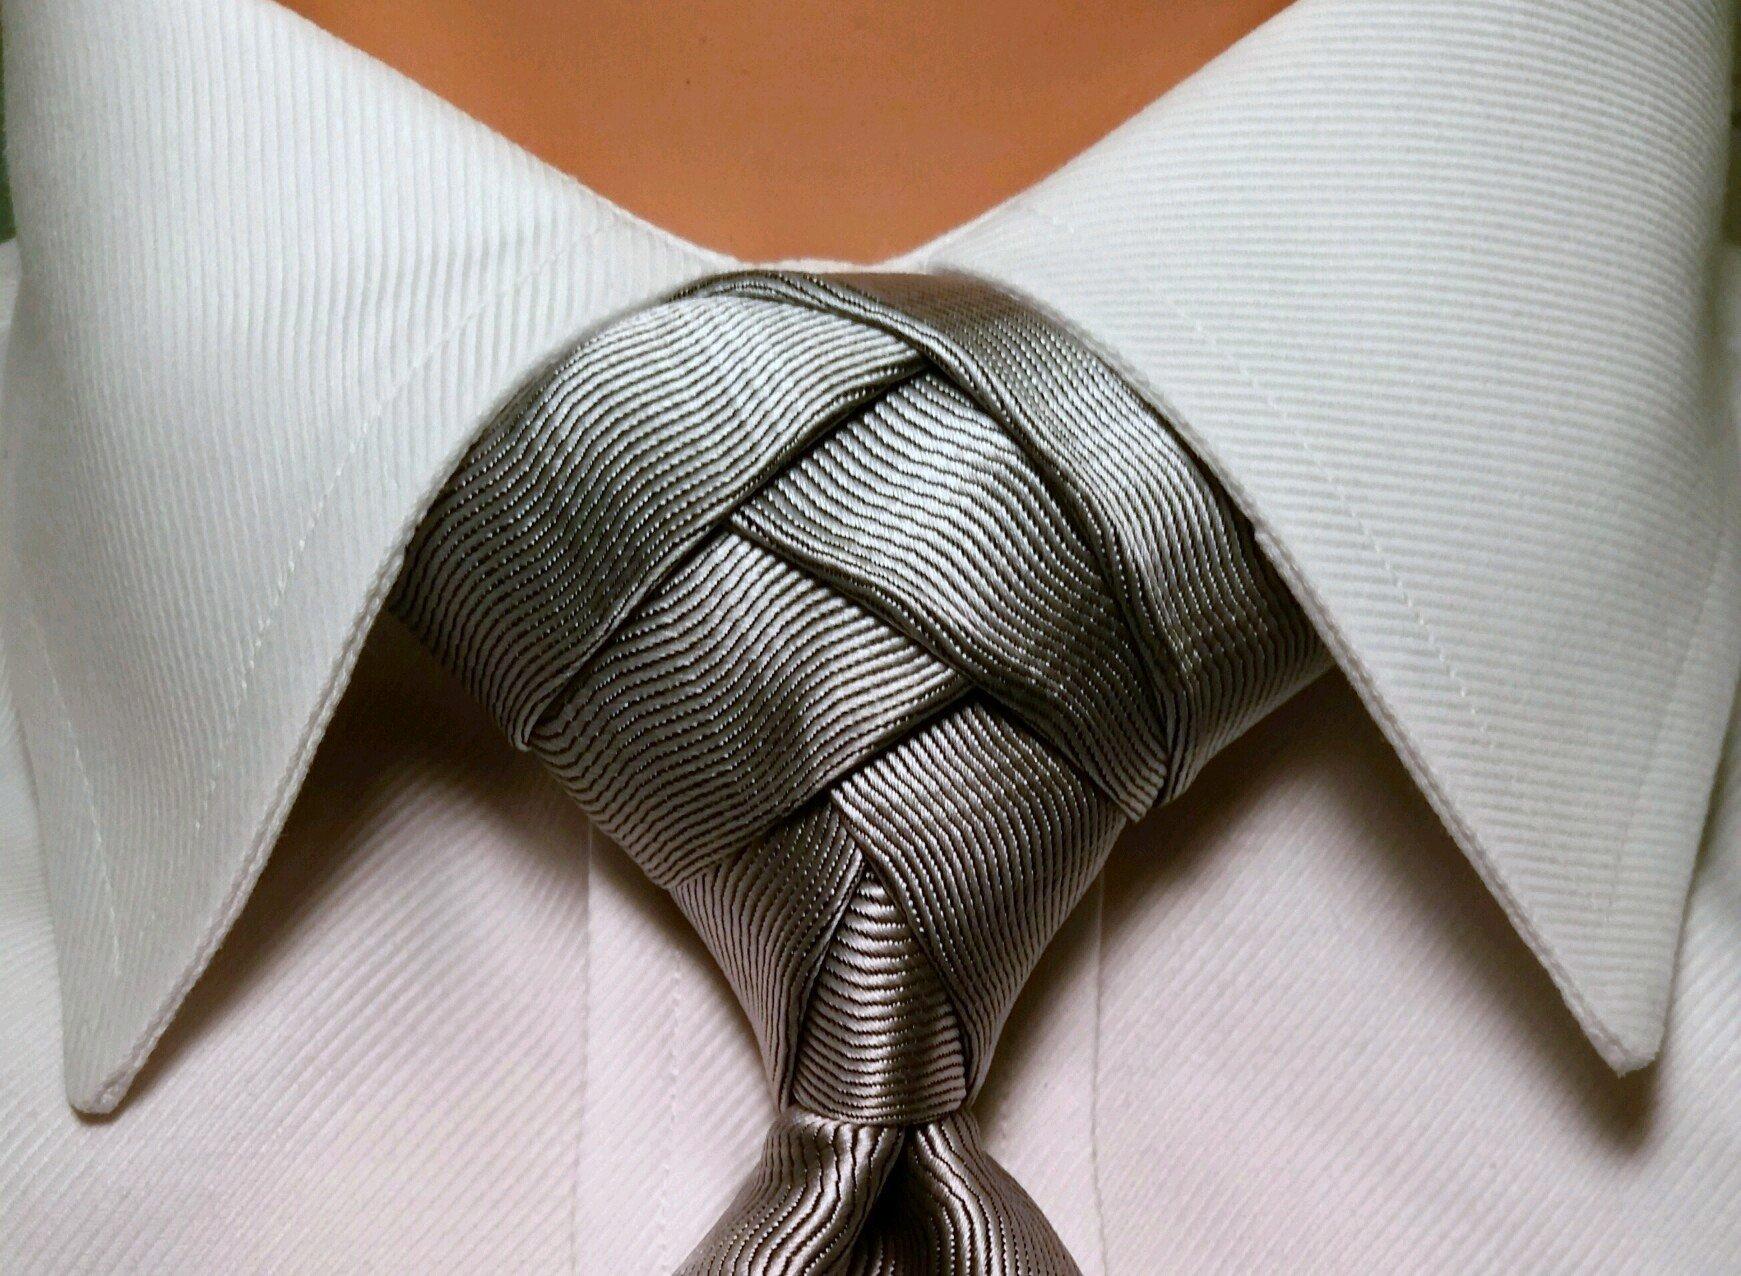 Anleitungen für einzigartige Krawattenknoten finden Sie hier!